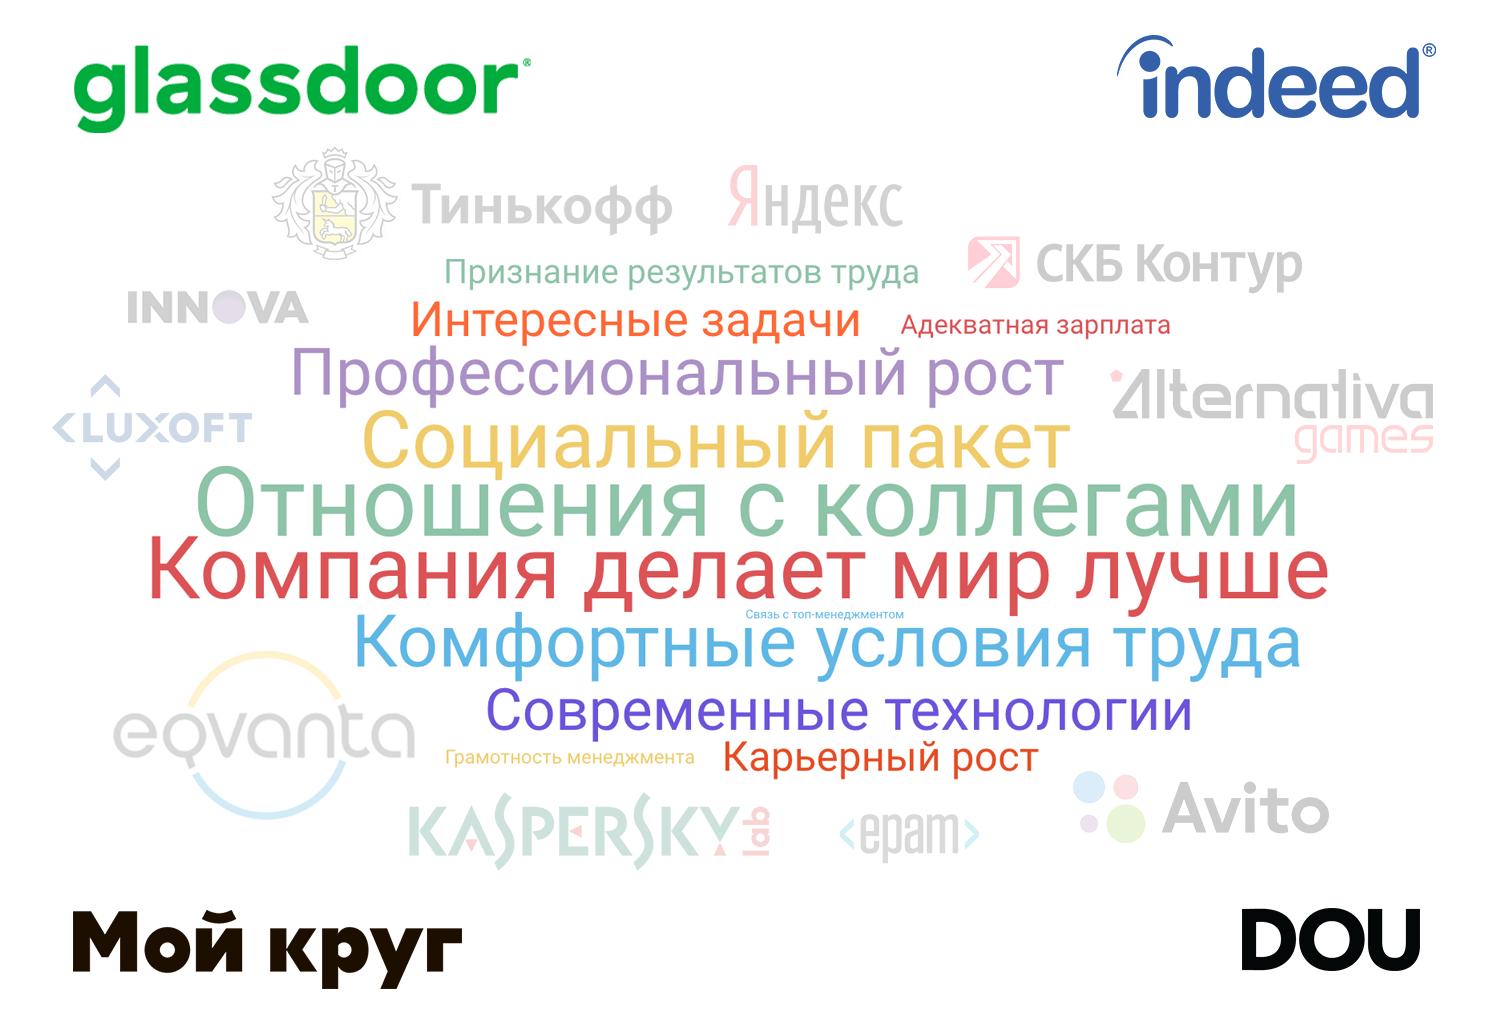 Где и как разработчики оценивают своих работодателей? Сервисы оценки компаний в ИТ-индустрии - 1